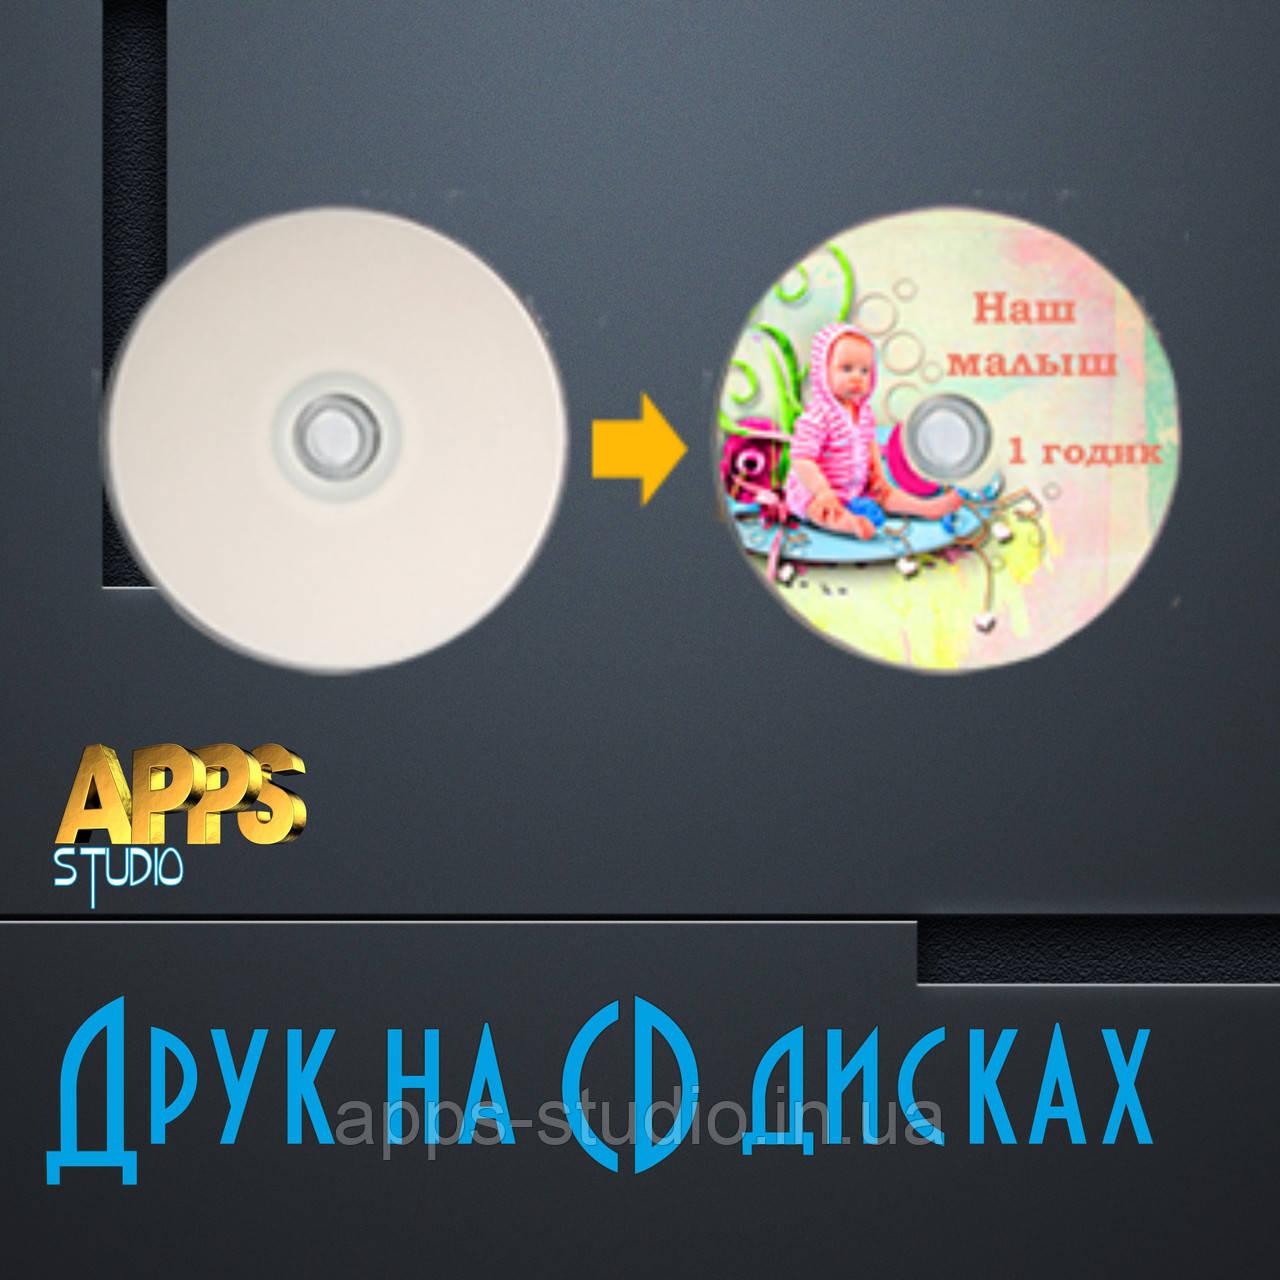 Друк на CD дисках